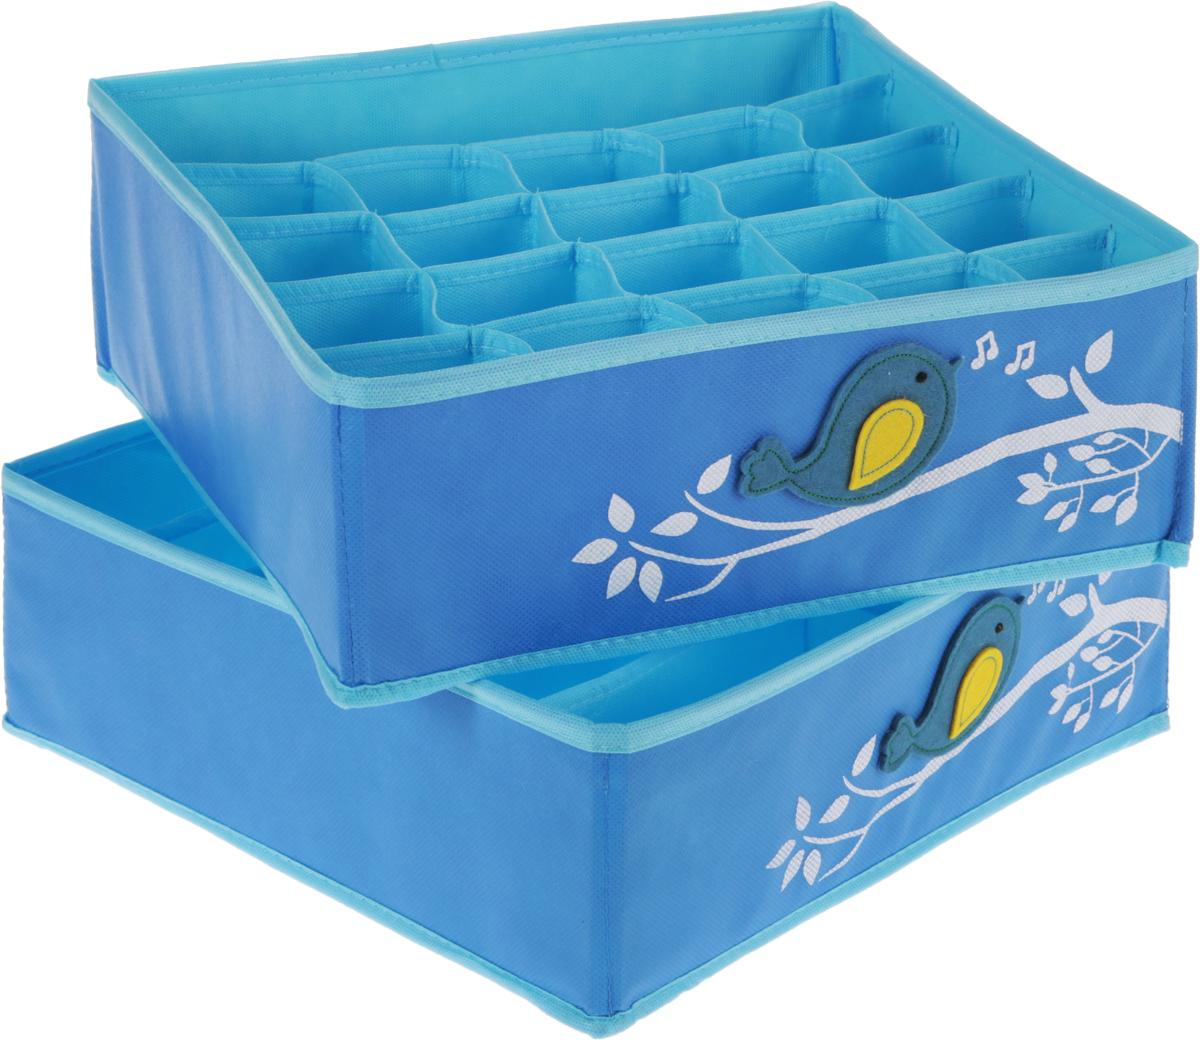 Набор органайзеров для детского белья Все на местах Чик-Чирик, детский, цвет: голубой, 2 штRG-D31SНабор органайзеров для детского белья Все на местах Чик-Чирик выполнен из спанбонда и ПВХ, дополнен фетровыми аппликациями.В набор входят два органайзера – в первом расположены 20 ячеек для мелких вещей (трусиков, колгот, носочков) и одно широкое отделение. Второй органайзер служит для хранения водолазок, теплых колгот, футболок, в нем 12 отделений. Размеры набора позволяют разместить его в любом комоде или на полках в шкафу. Стенки органайзеров укреплены пластиком. В дно вшиты молнии, поэтому их можно быстро сложить, если необходимость в них отпадет. Размеры: органайзер № 1 -32 х 32 х 12 см, 12 продольных ячеек размером 16 х 5,3 см;органайзер № 2:32 х 32 х 12 см, продольная ячейка 32 х 6,4 см; 20 квадратных ячеек размером 6,4 х 6,4 см.